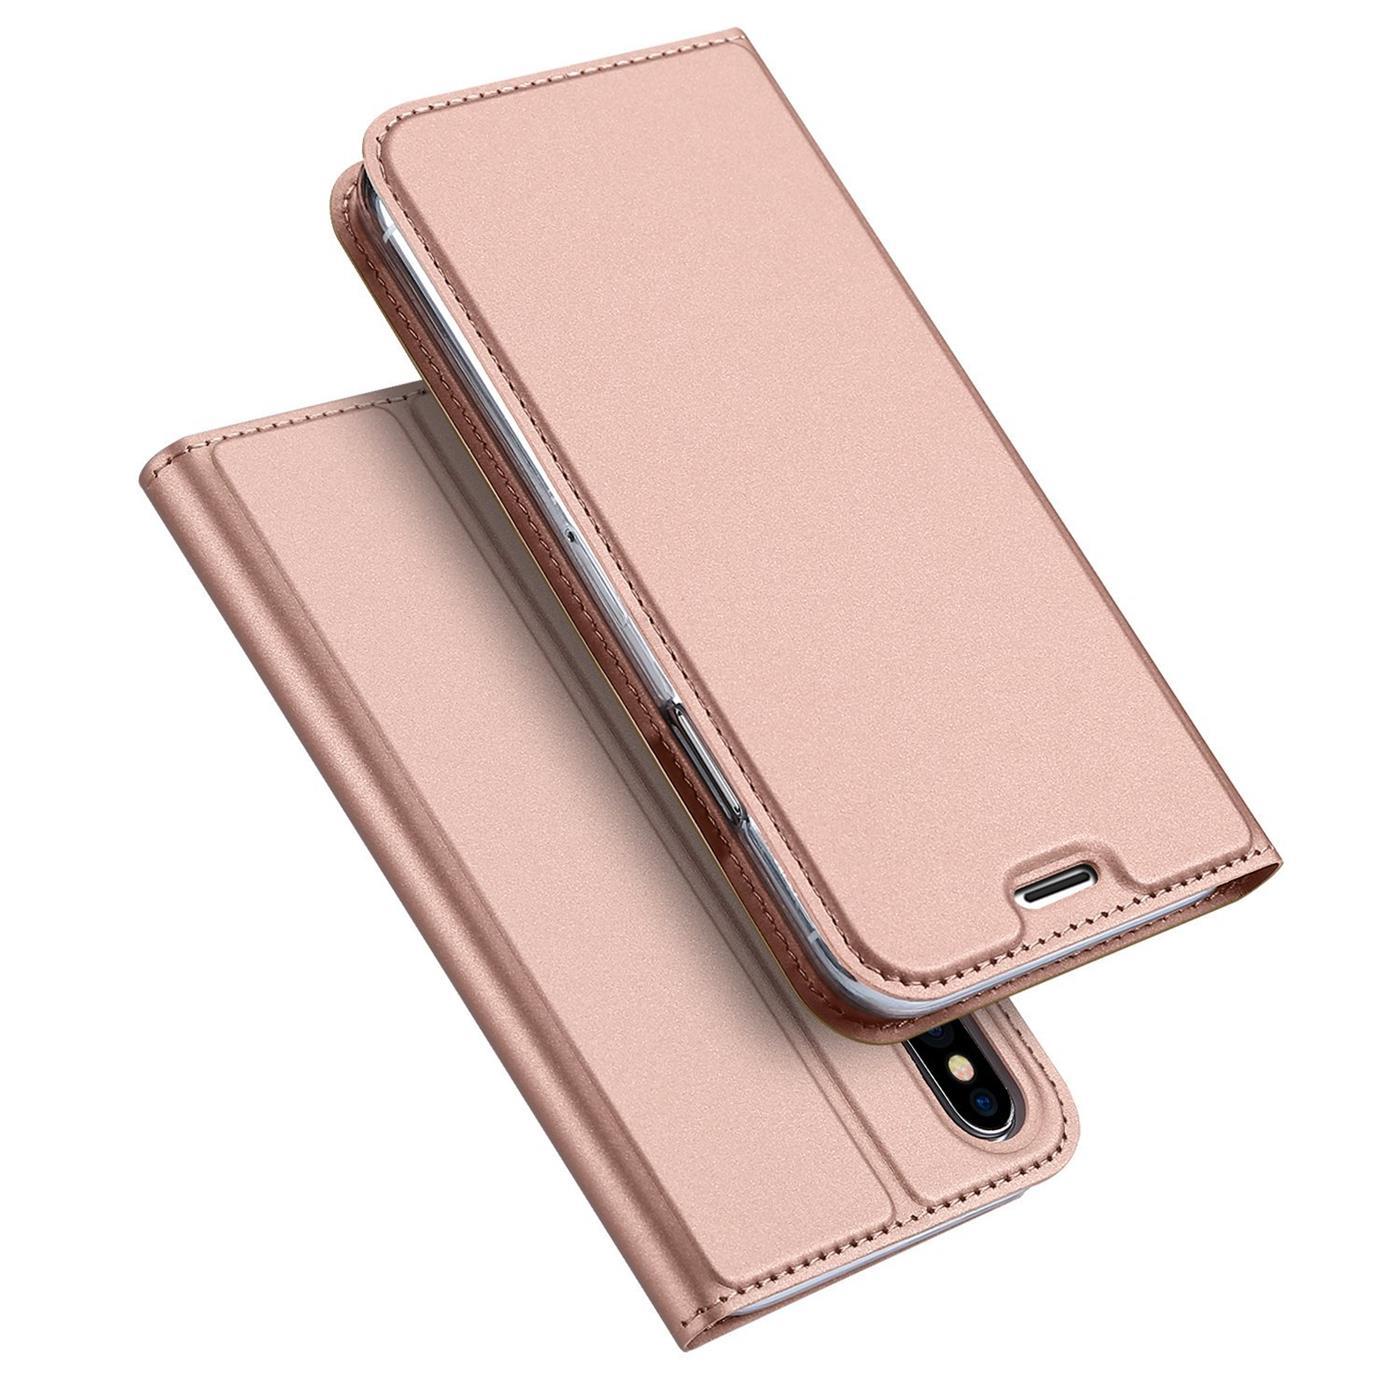 Handyhuelle-Klapp-Tasche-Etui-Schutz-Huelle-Slim-Flip-Cover-Book-Bag-Case-Wallet Indexbild 28